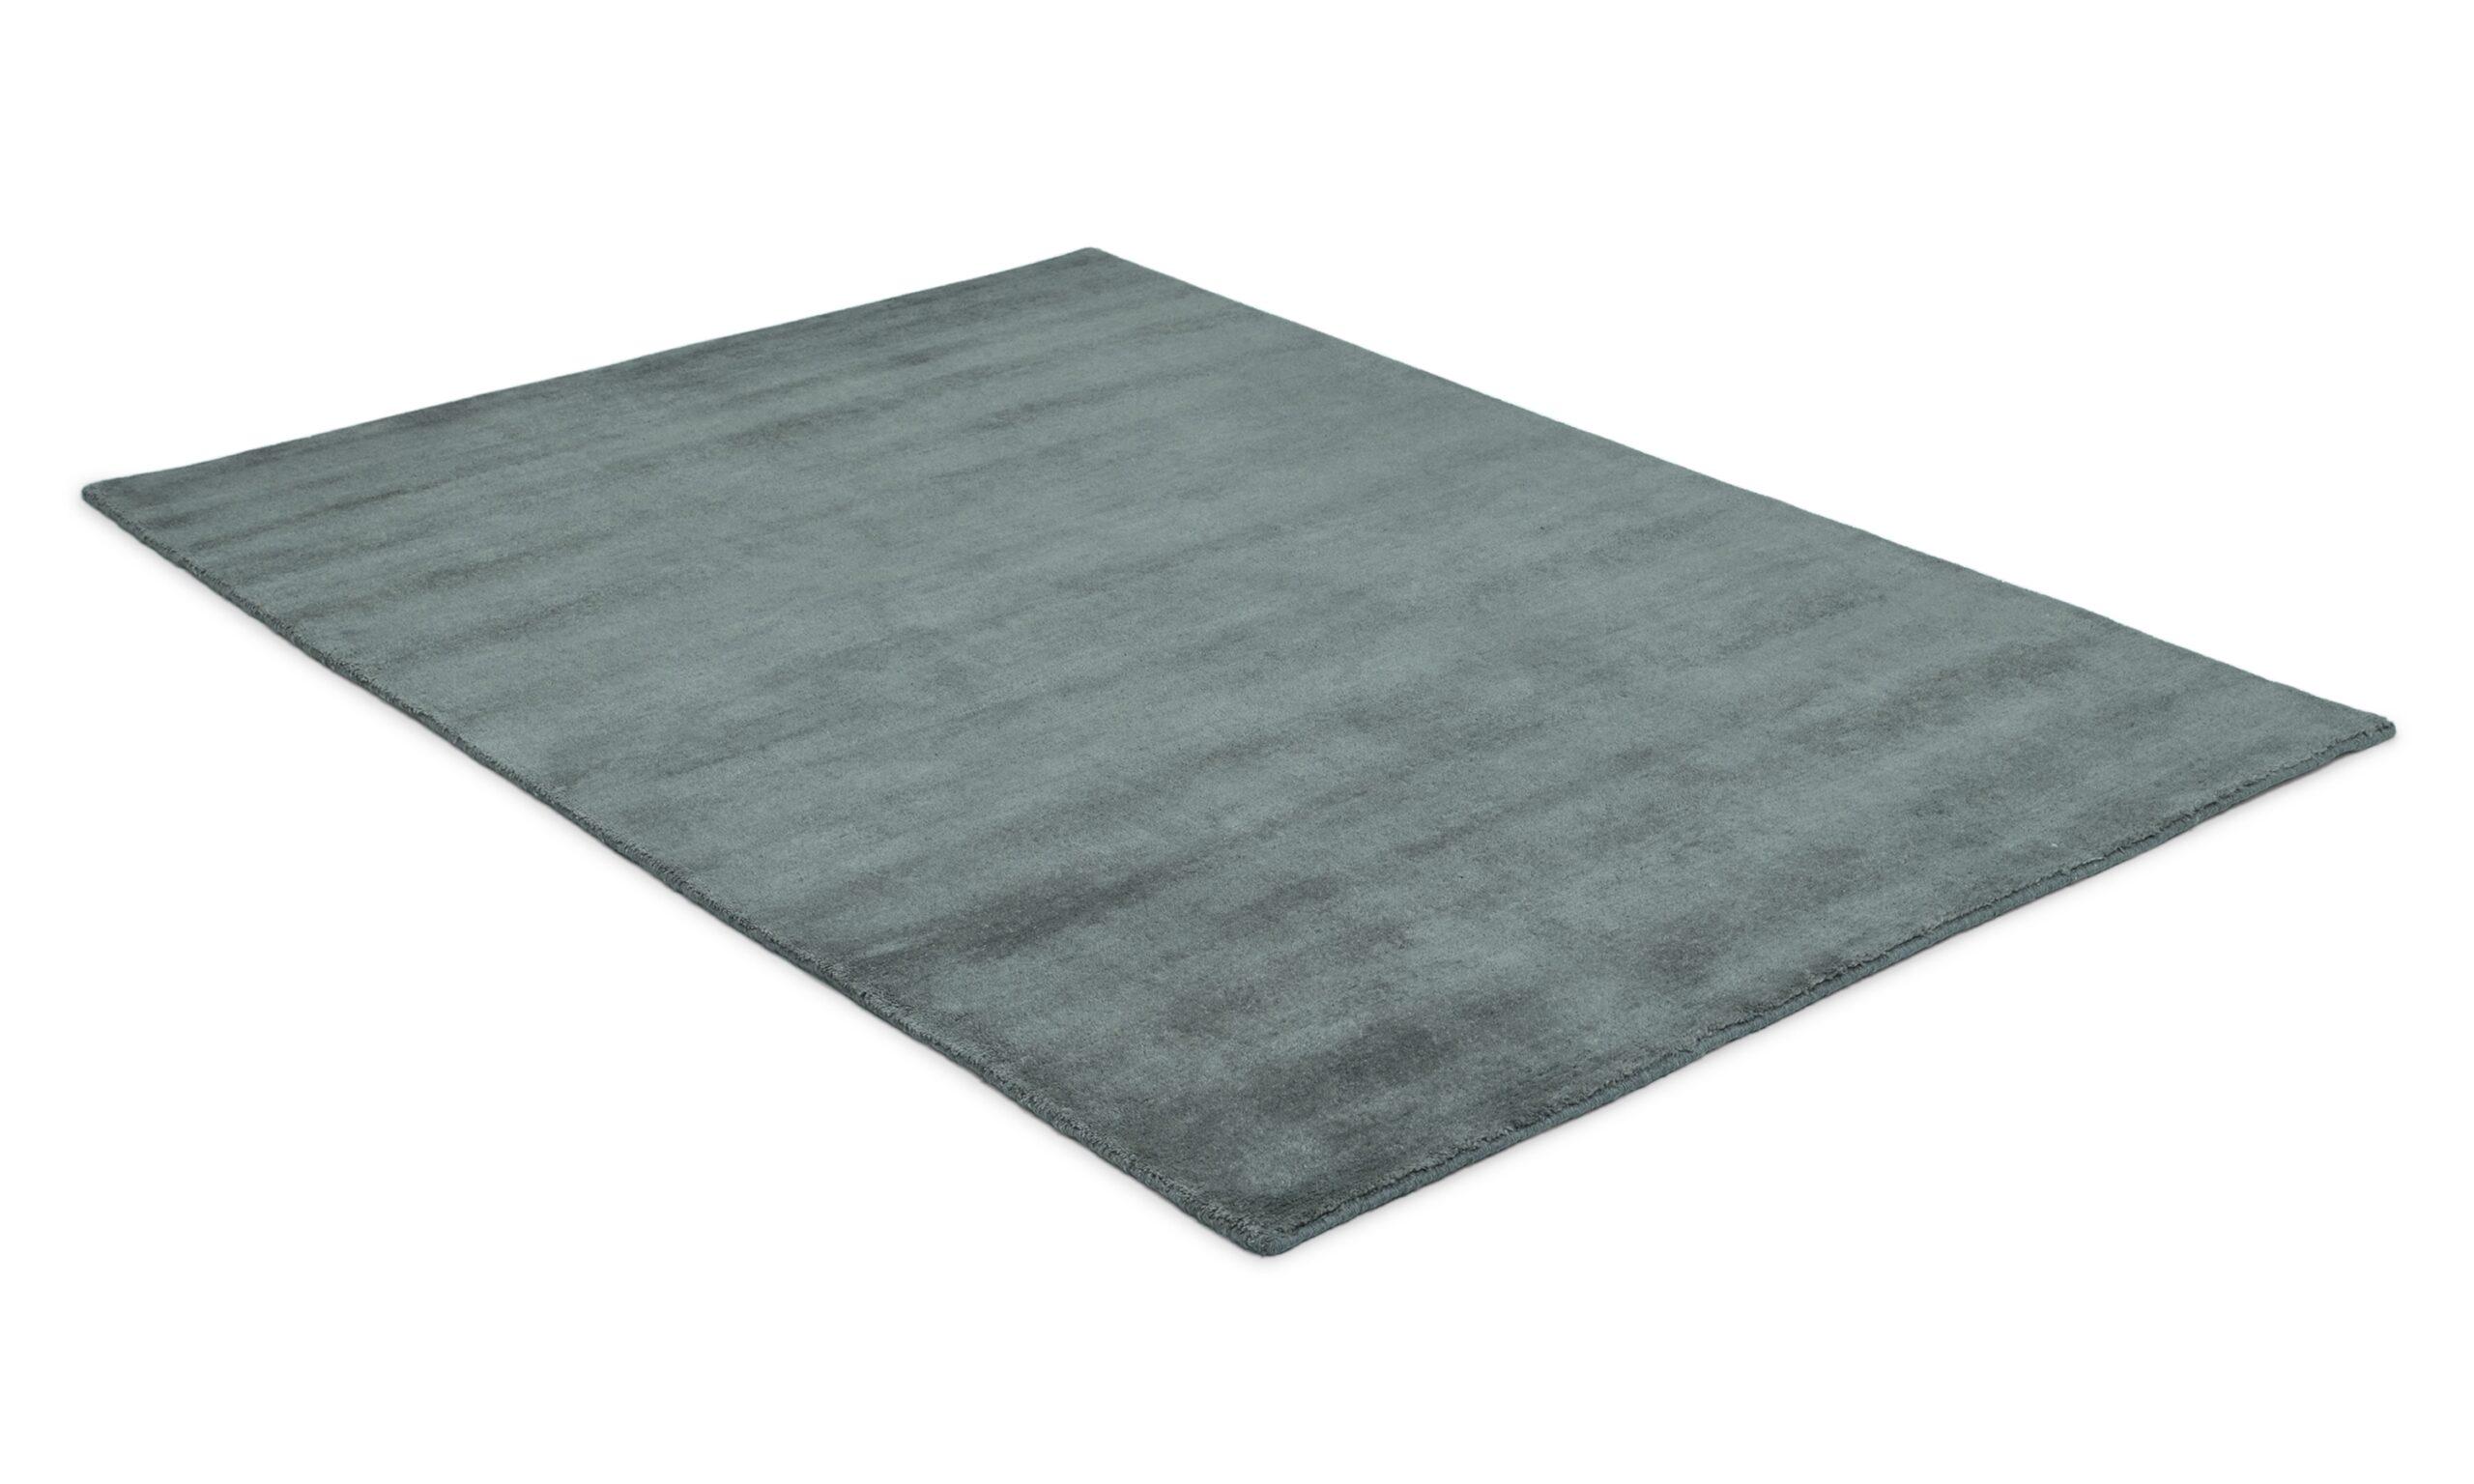 Aran grå - håndknyttet teppe